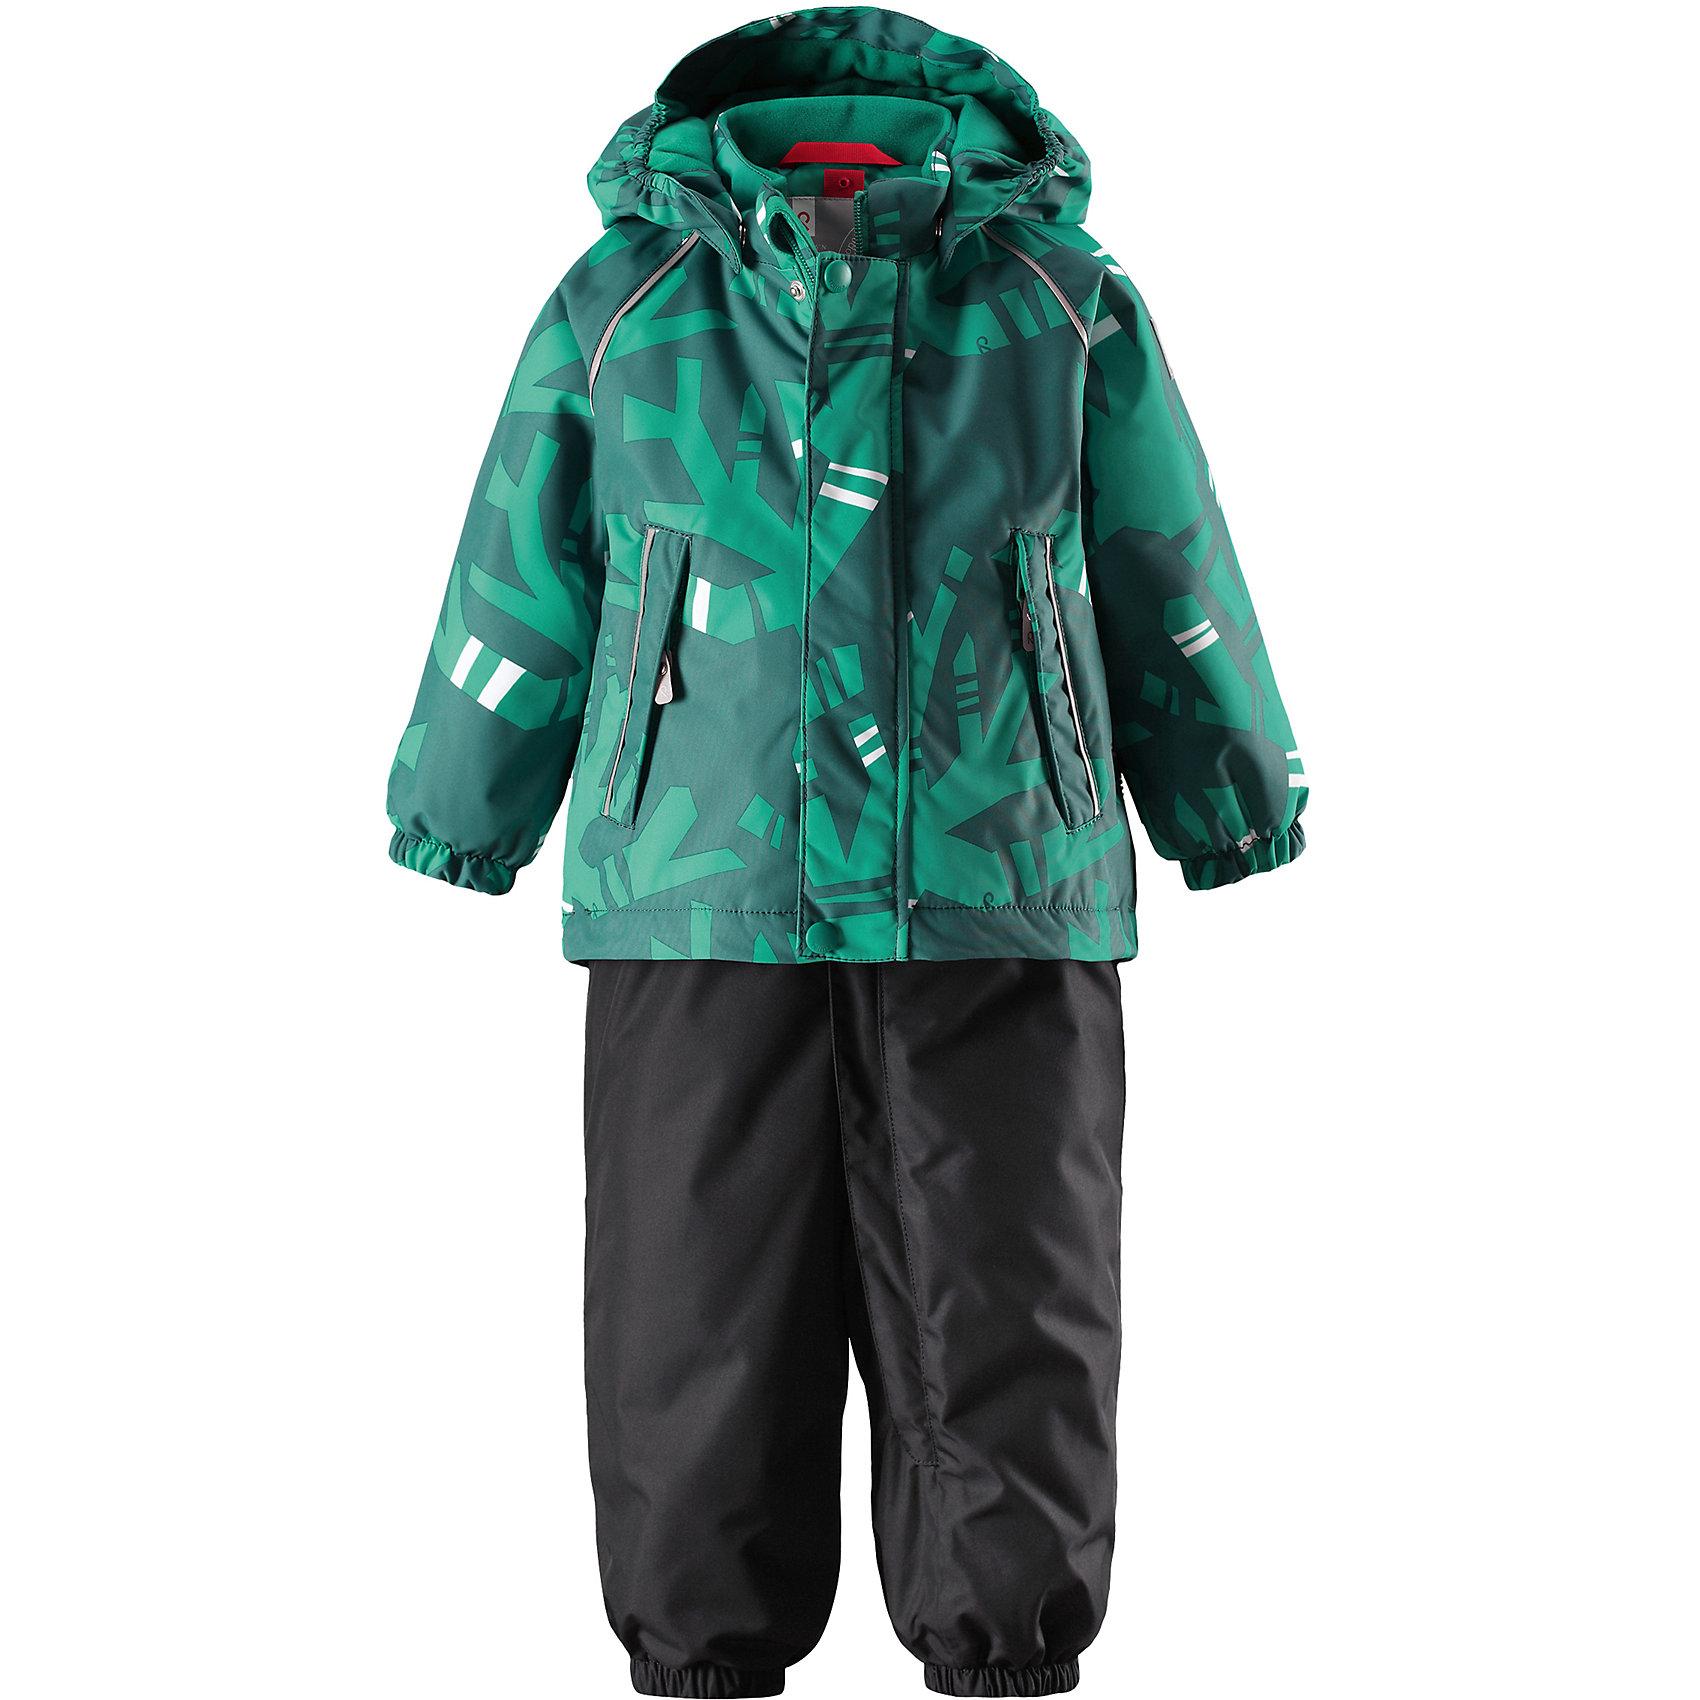 Комплект Reima Reimatec® Ohra для мальчикаВерхняя одежда<br>Характеристики товара:<br><br>• цвет: зеленый/синий <br>• состав: 100% полиэстер<br>• утеплитель: 100% полиэстер, 160/140 г/м2 (lost insulation)<br>• сезон: зима<br>• температурный режим: от 0 до -20С<br>• водонепроницаемость: 15000 мм<br>• воздухопроницаемость: 7000 мм<br>• износостойкость: 35000/40000 циклов (тест Мартиндейла)<br>• особенности модели: с высокой талией, с подтяжками, с рисунком<br>• все швы проклеены и не пропускают влагу<br>• водо- и ветронепроницаемый, дышащий и грязеотталкивающий материал<br>• ветронепродуваемый<br>• гладкая подкладка из полиэстера<br>• безопасный съемный капюшон<br>• высокая талия<br>• регулируемые подтяжки<br>• эластичные штанины<br>• съемные эластичные штрипки<br>• застежка: молния<br>• регулируемый подол куртки<br>• два боковых кармана  на молнии<br>• светоотражающие детали<br>• страна бренда: Финляндия<br>• страна изготовитель: Китай<br><br>Теплый зимний комплект для мальчика выполнен из ветро и водонепроницаемого материала с основными проклеенными и водонепроницаемыми швами. Куртка оснащена съемным капюшоном, который легко отстегивается. У зимних брюк высокая талия, которая защищает поясницу от холода, а благодаря подтяжкам и штрипкам они будут хорошо сидеть.<br><br>Комплект Kuusi Reimatec® Reima от финского бренда Reima (Рейма) можно купить в нашем интернет-магазине.<br><br>Ширина мм: 356<br>Глубина мм: 10<br>Высота мм: 245<br>Вес г: 519<br>Цвет: зеленый<br>Возраст от месяцев: 24<br>Возраст до месяцев: 36<br>Пол: Унисекс<br>Возраст: Детский<br>Размер: 98,80,86,92<br>SKU: 6908329